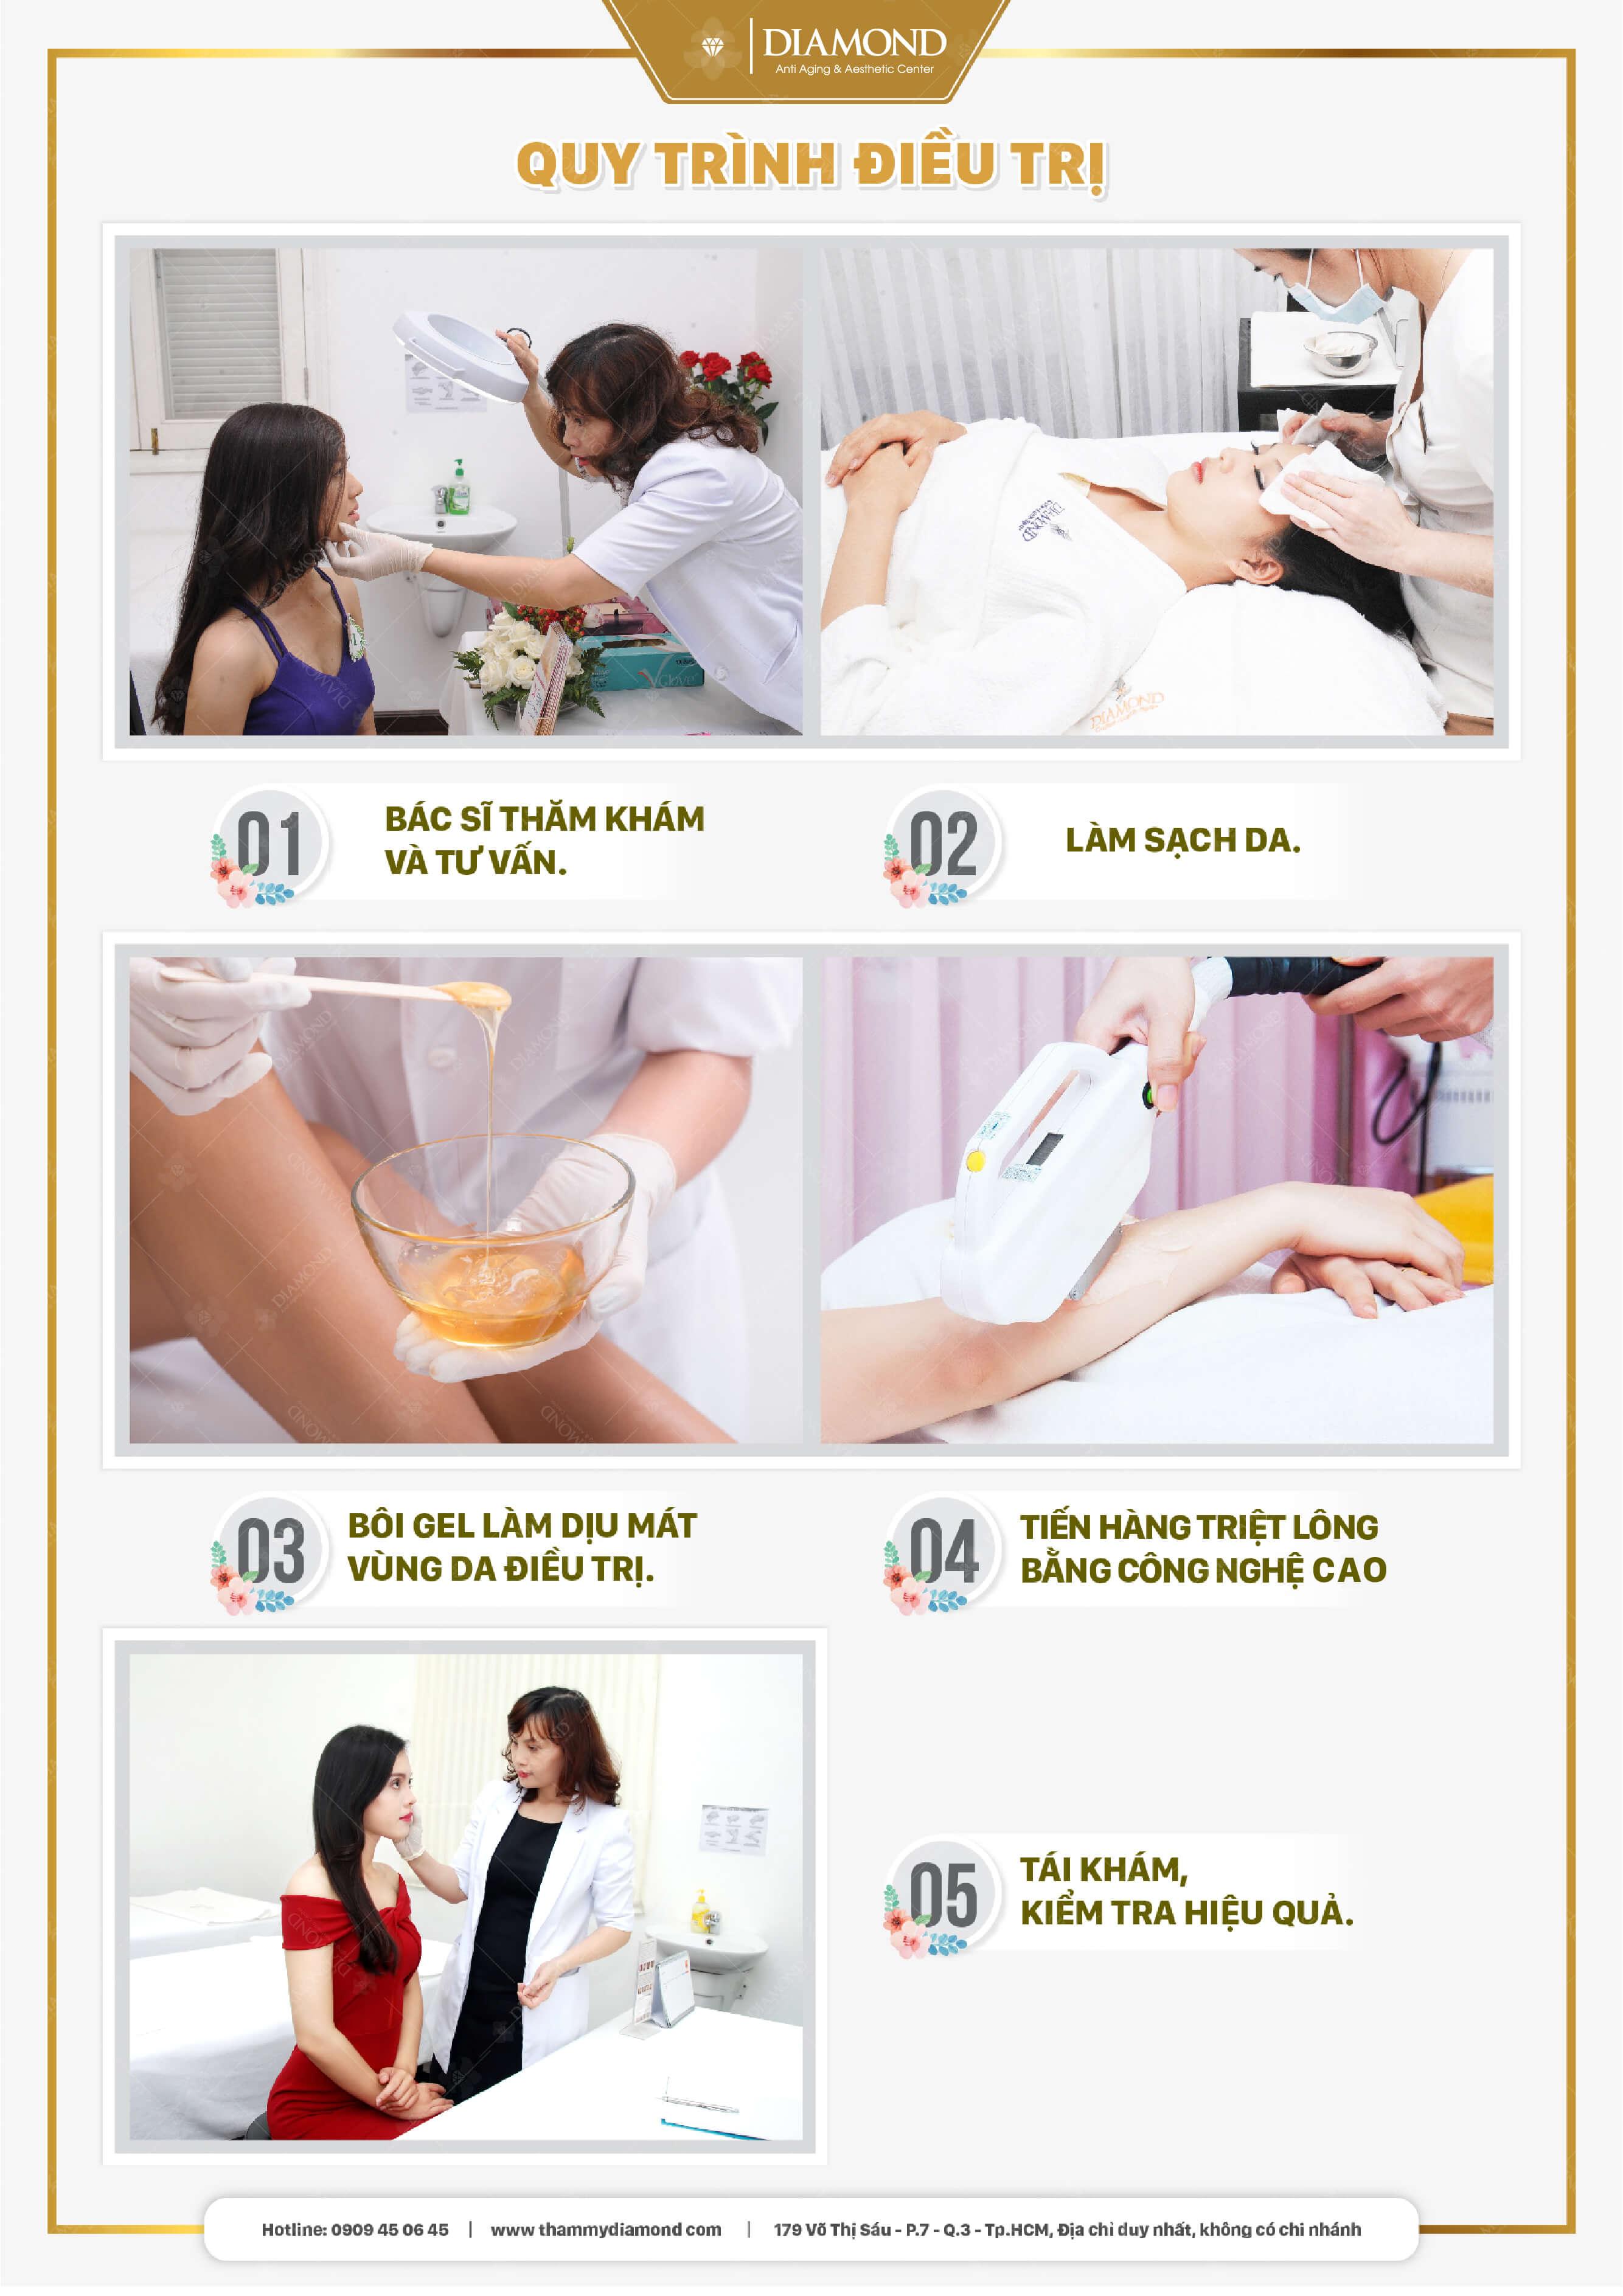 Quy trình điều trị triệt lông công nghệ cao